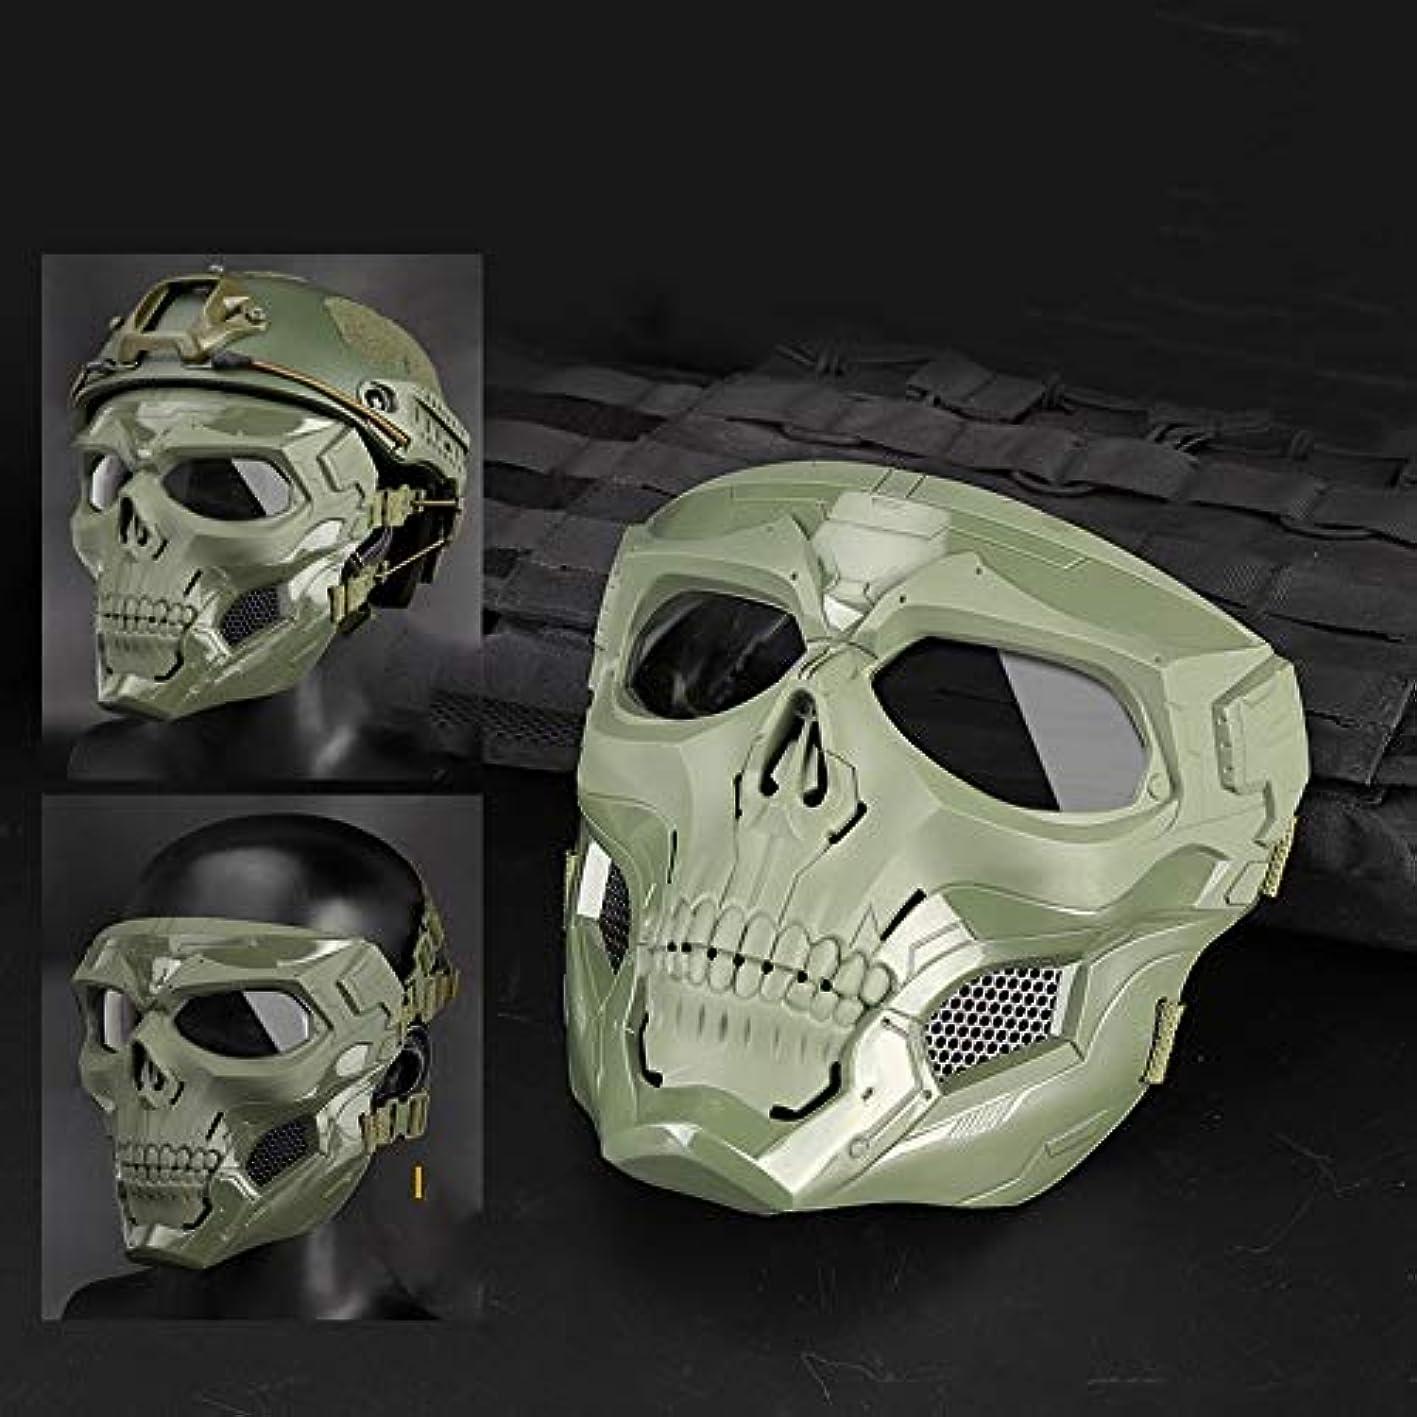 繁雑煙突試みるETH ハロウィンパーティー/ゲームスカル装飾、アクセサリー、活動をマスク 適用されます (色 : Green)